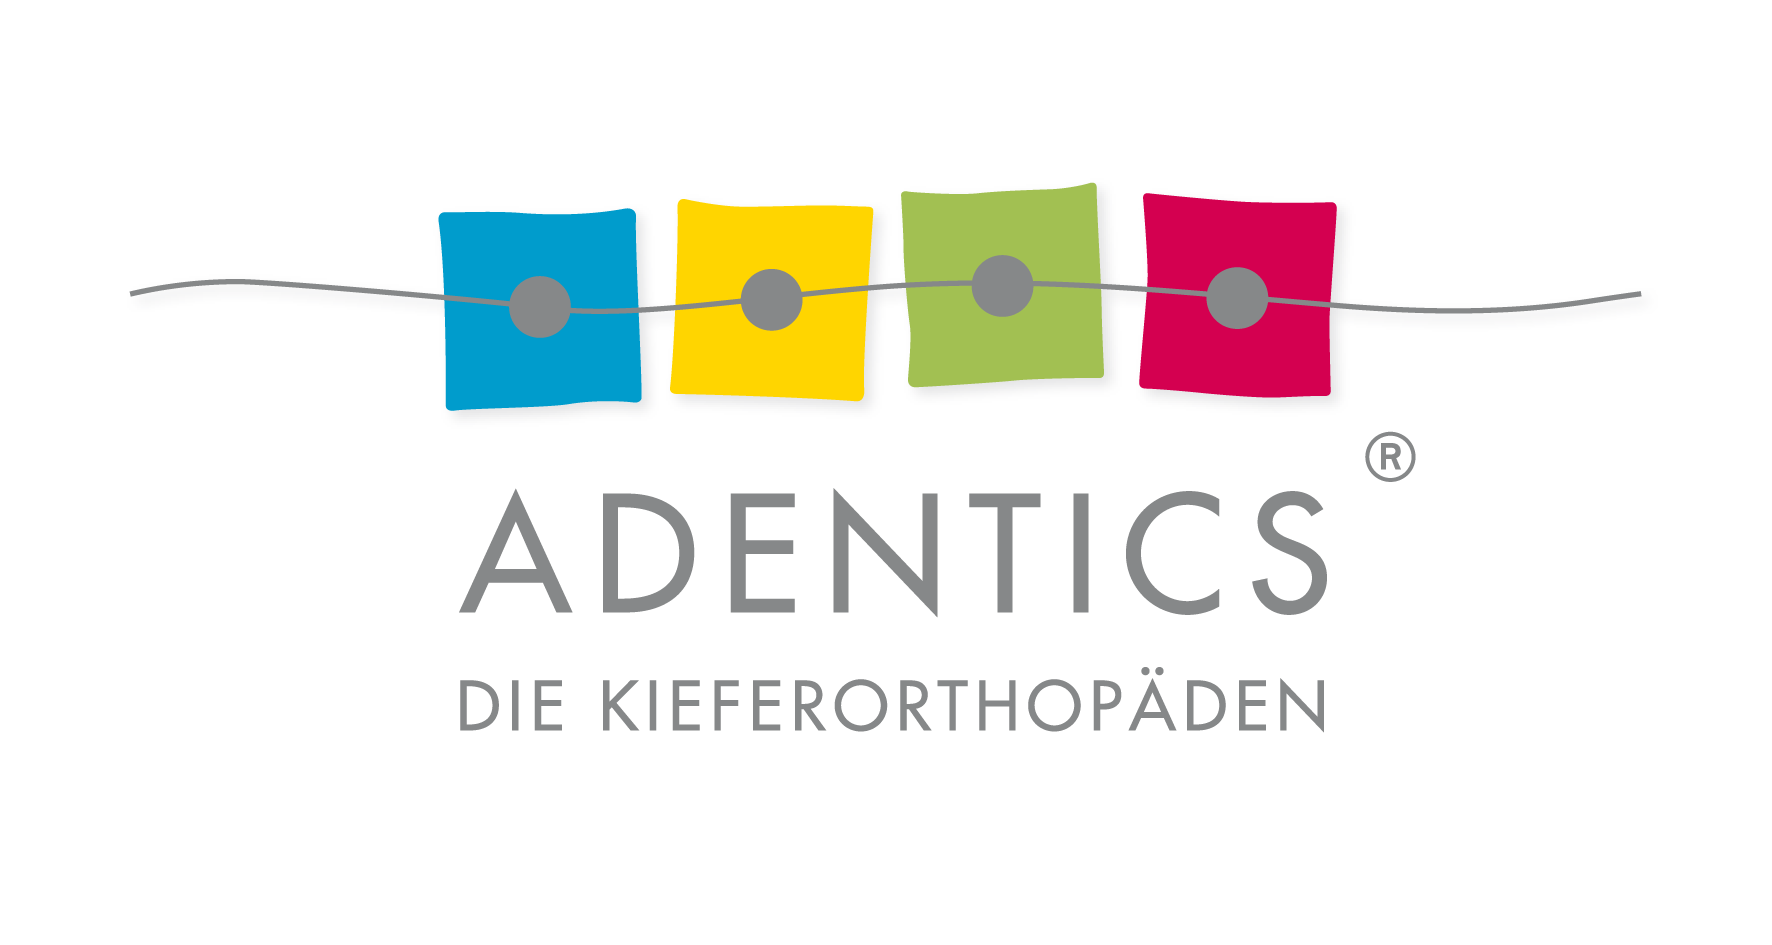 ADENTICS - Die Kieferorthopäden Berlin Mitte